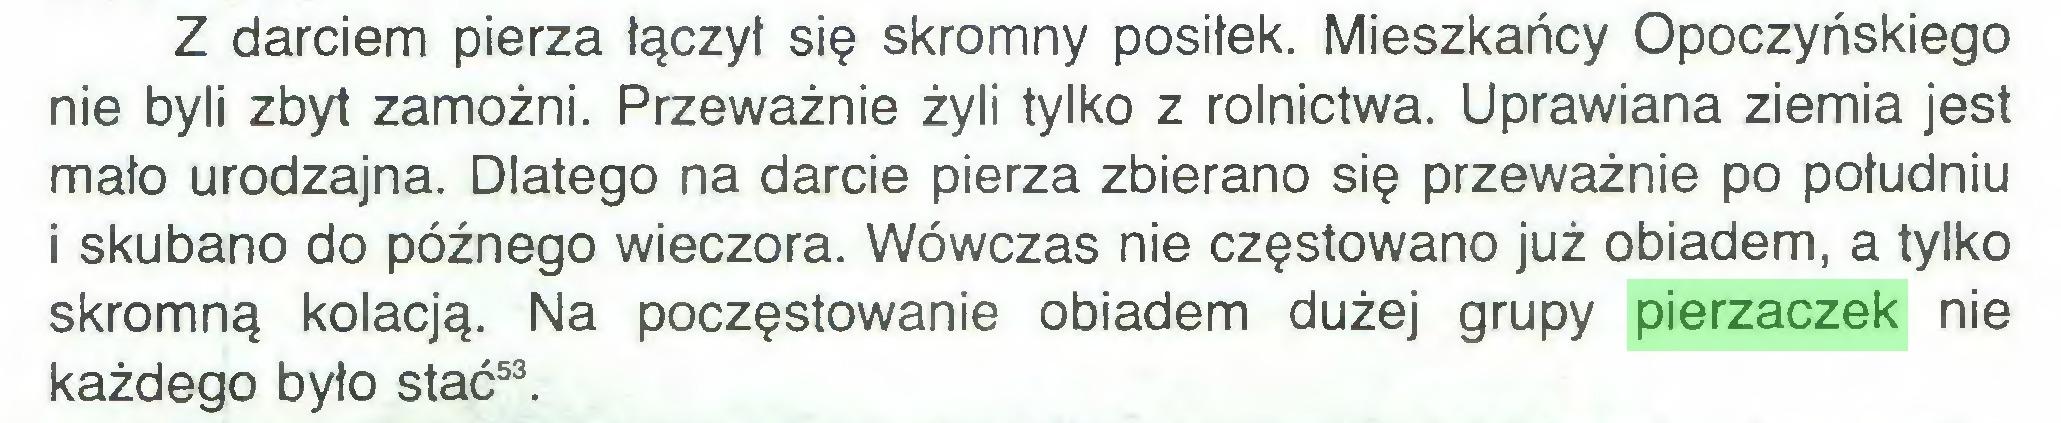 (...) Z darciem pierza łączył się skromny posiłek. Mieszkańcy Opoczyńskiego nie byli zbyt zamożni. Przeważnie żyli tylko z rolnictwa. Uprawiana ziemia jest mało urodzajna. Dlatego na darcie pierza zbierano się przeważnie po południu i skubano do późnego wieczora. Wówczas nie częstowano już obiadem, a tylko skromną kolacją. Na poczęstowanie obiadem dużej grupy pierzaczek nie każdego było stać53...